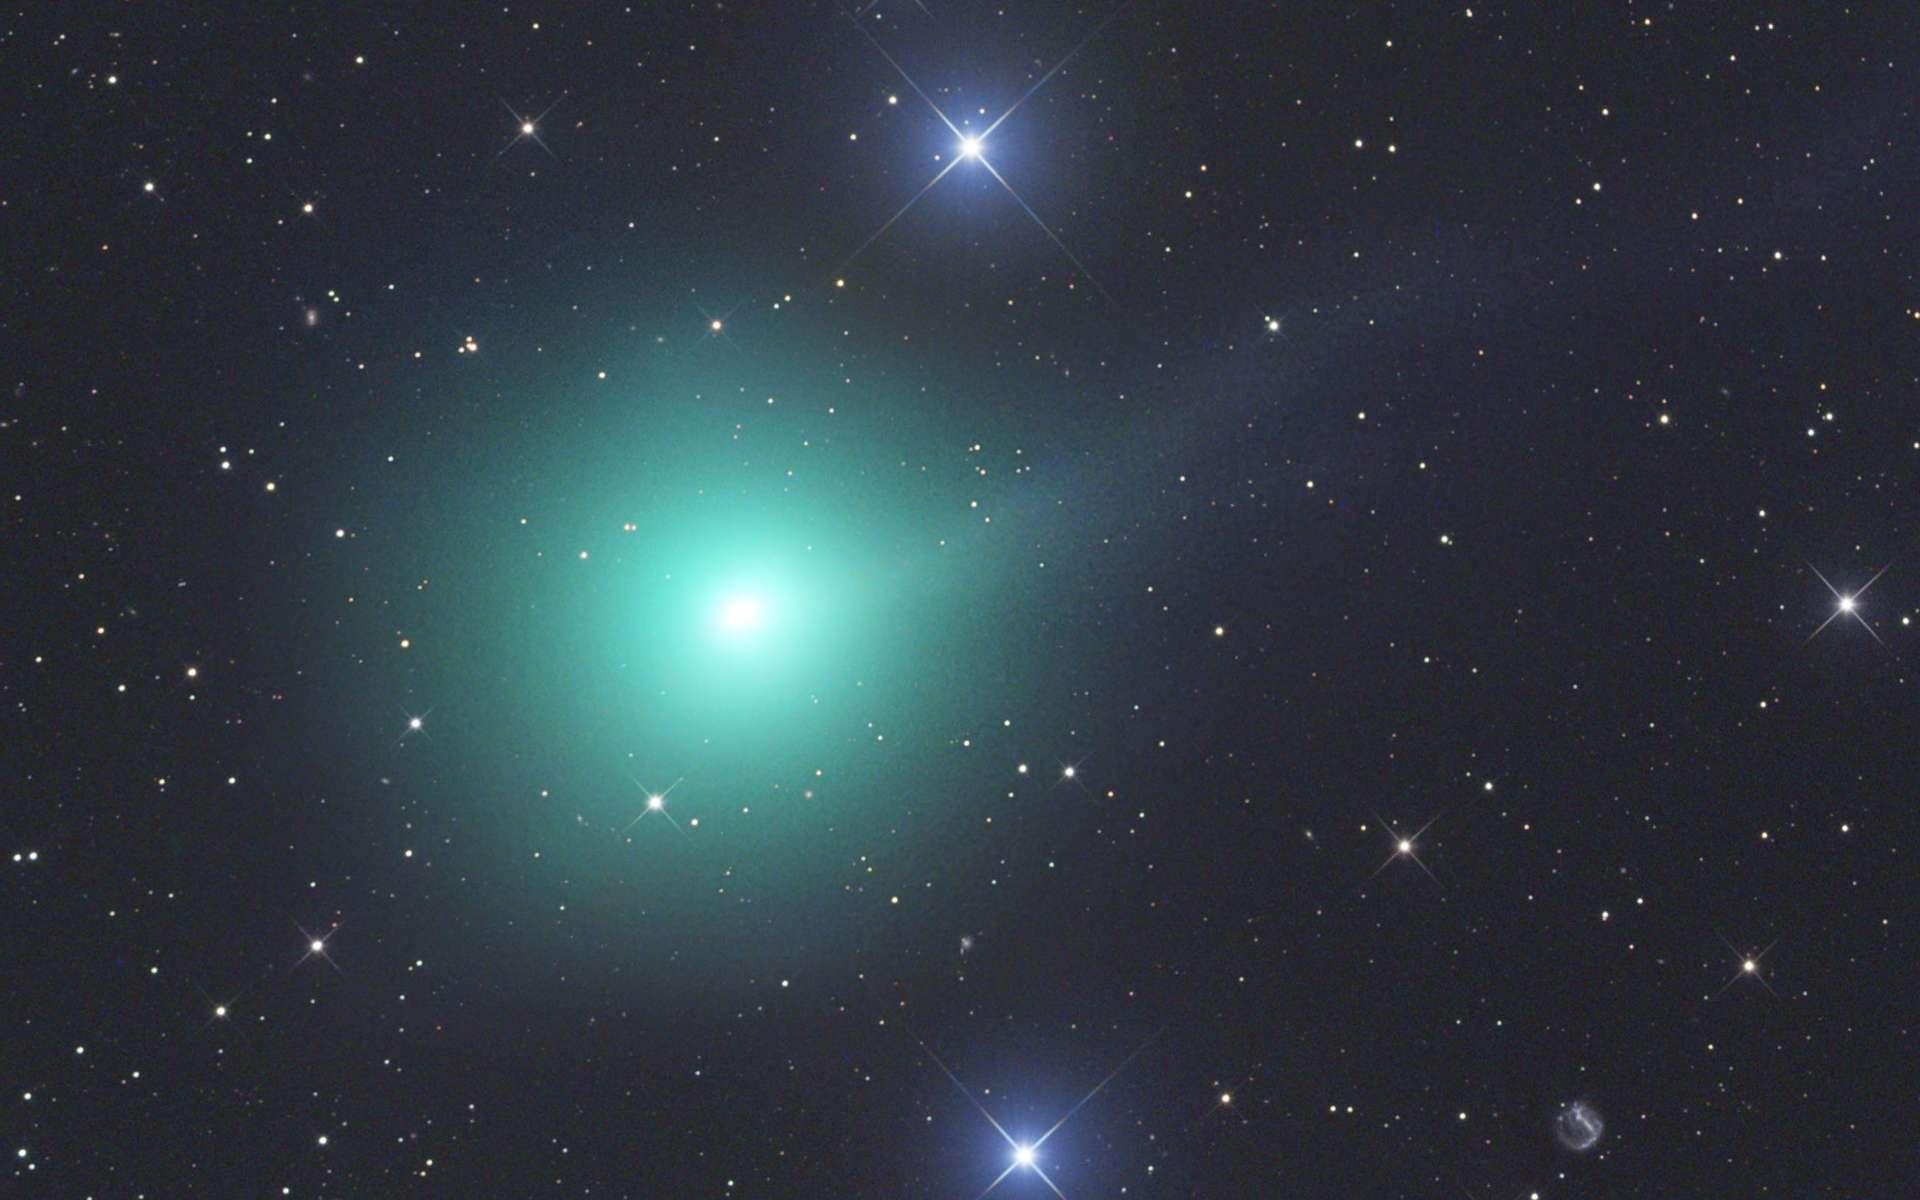 La comète C/2018 Y1 Iwamoto, le 9 février 2019. © Gerald Rhemann, Spaceweather